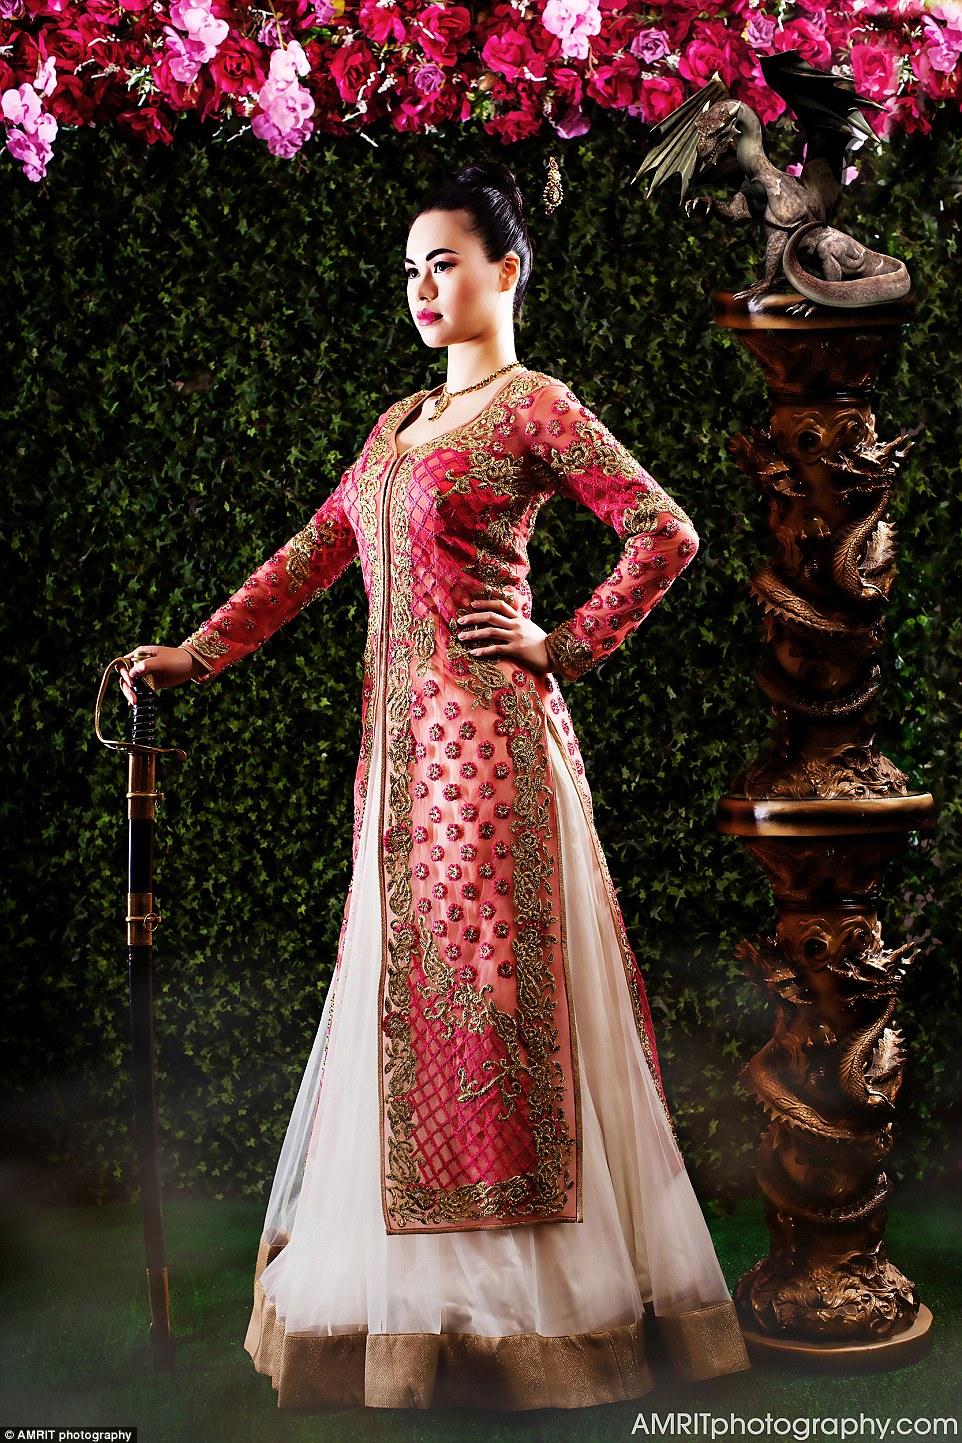 princesse indienne disney mulan